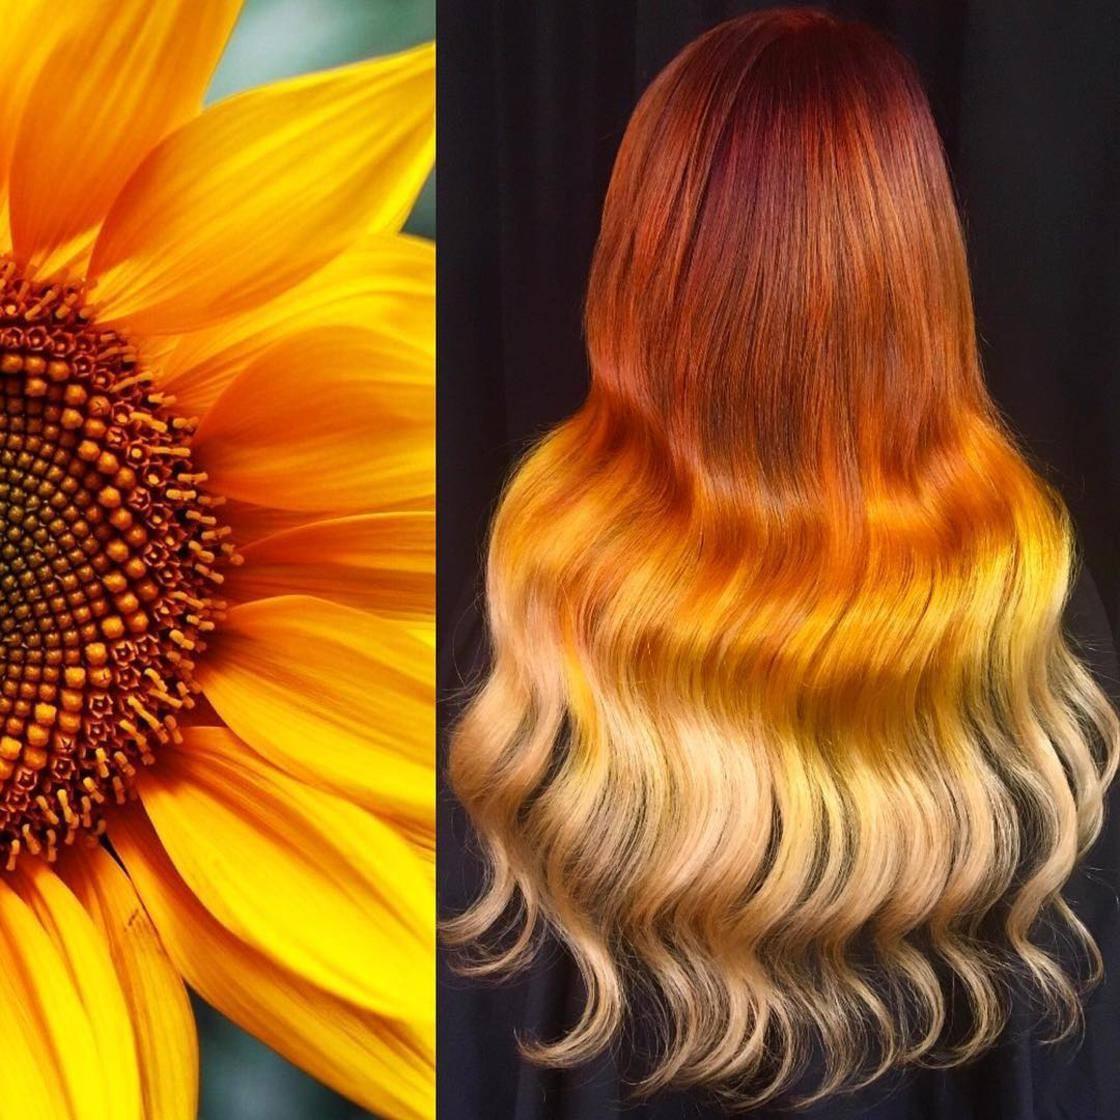 Artista se inspira em imagens fantásticas para mudar a cor do cabelo 18